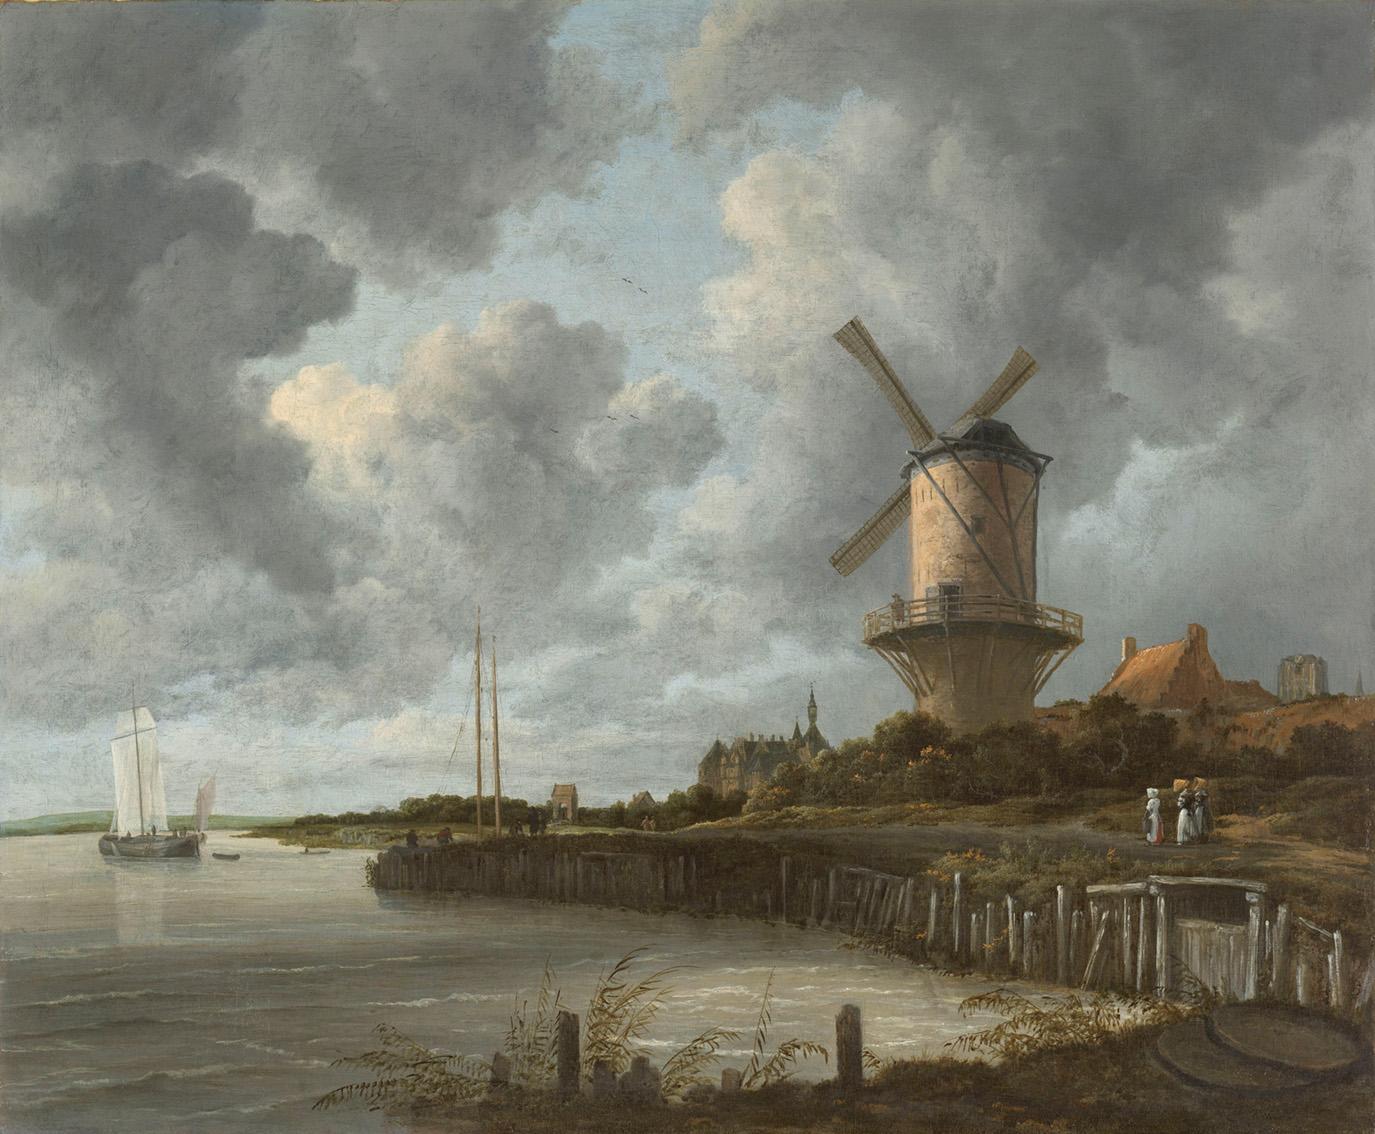 De molen bij Wijk bij Duurstede, Jacob Isaacksz van Ruisdael, ca. 1668 - ca. 1670